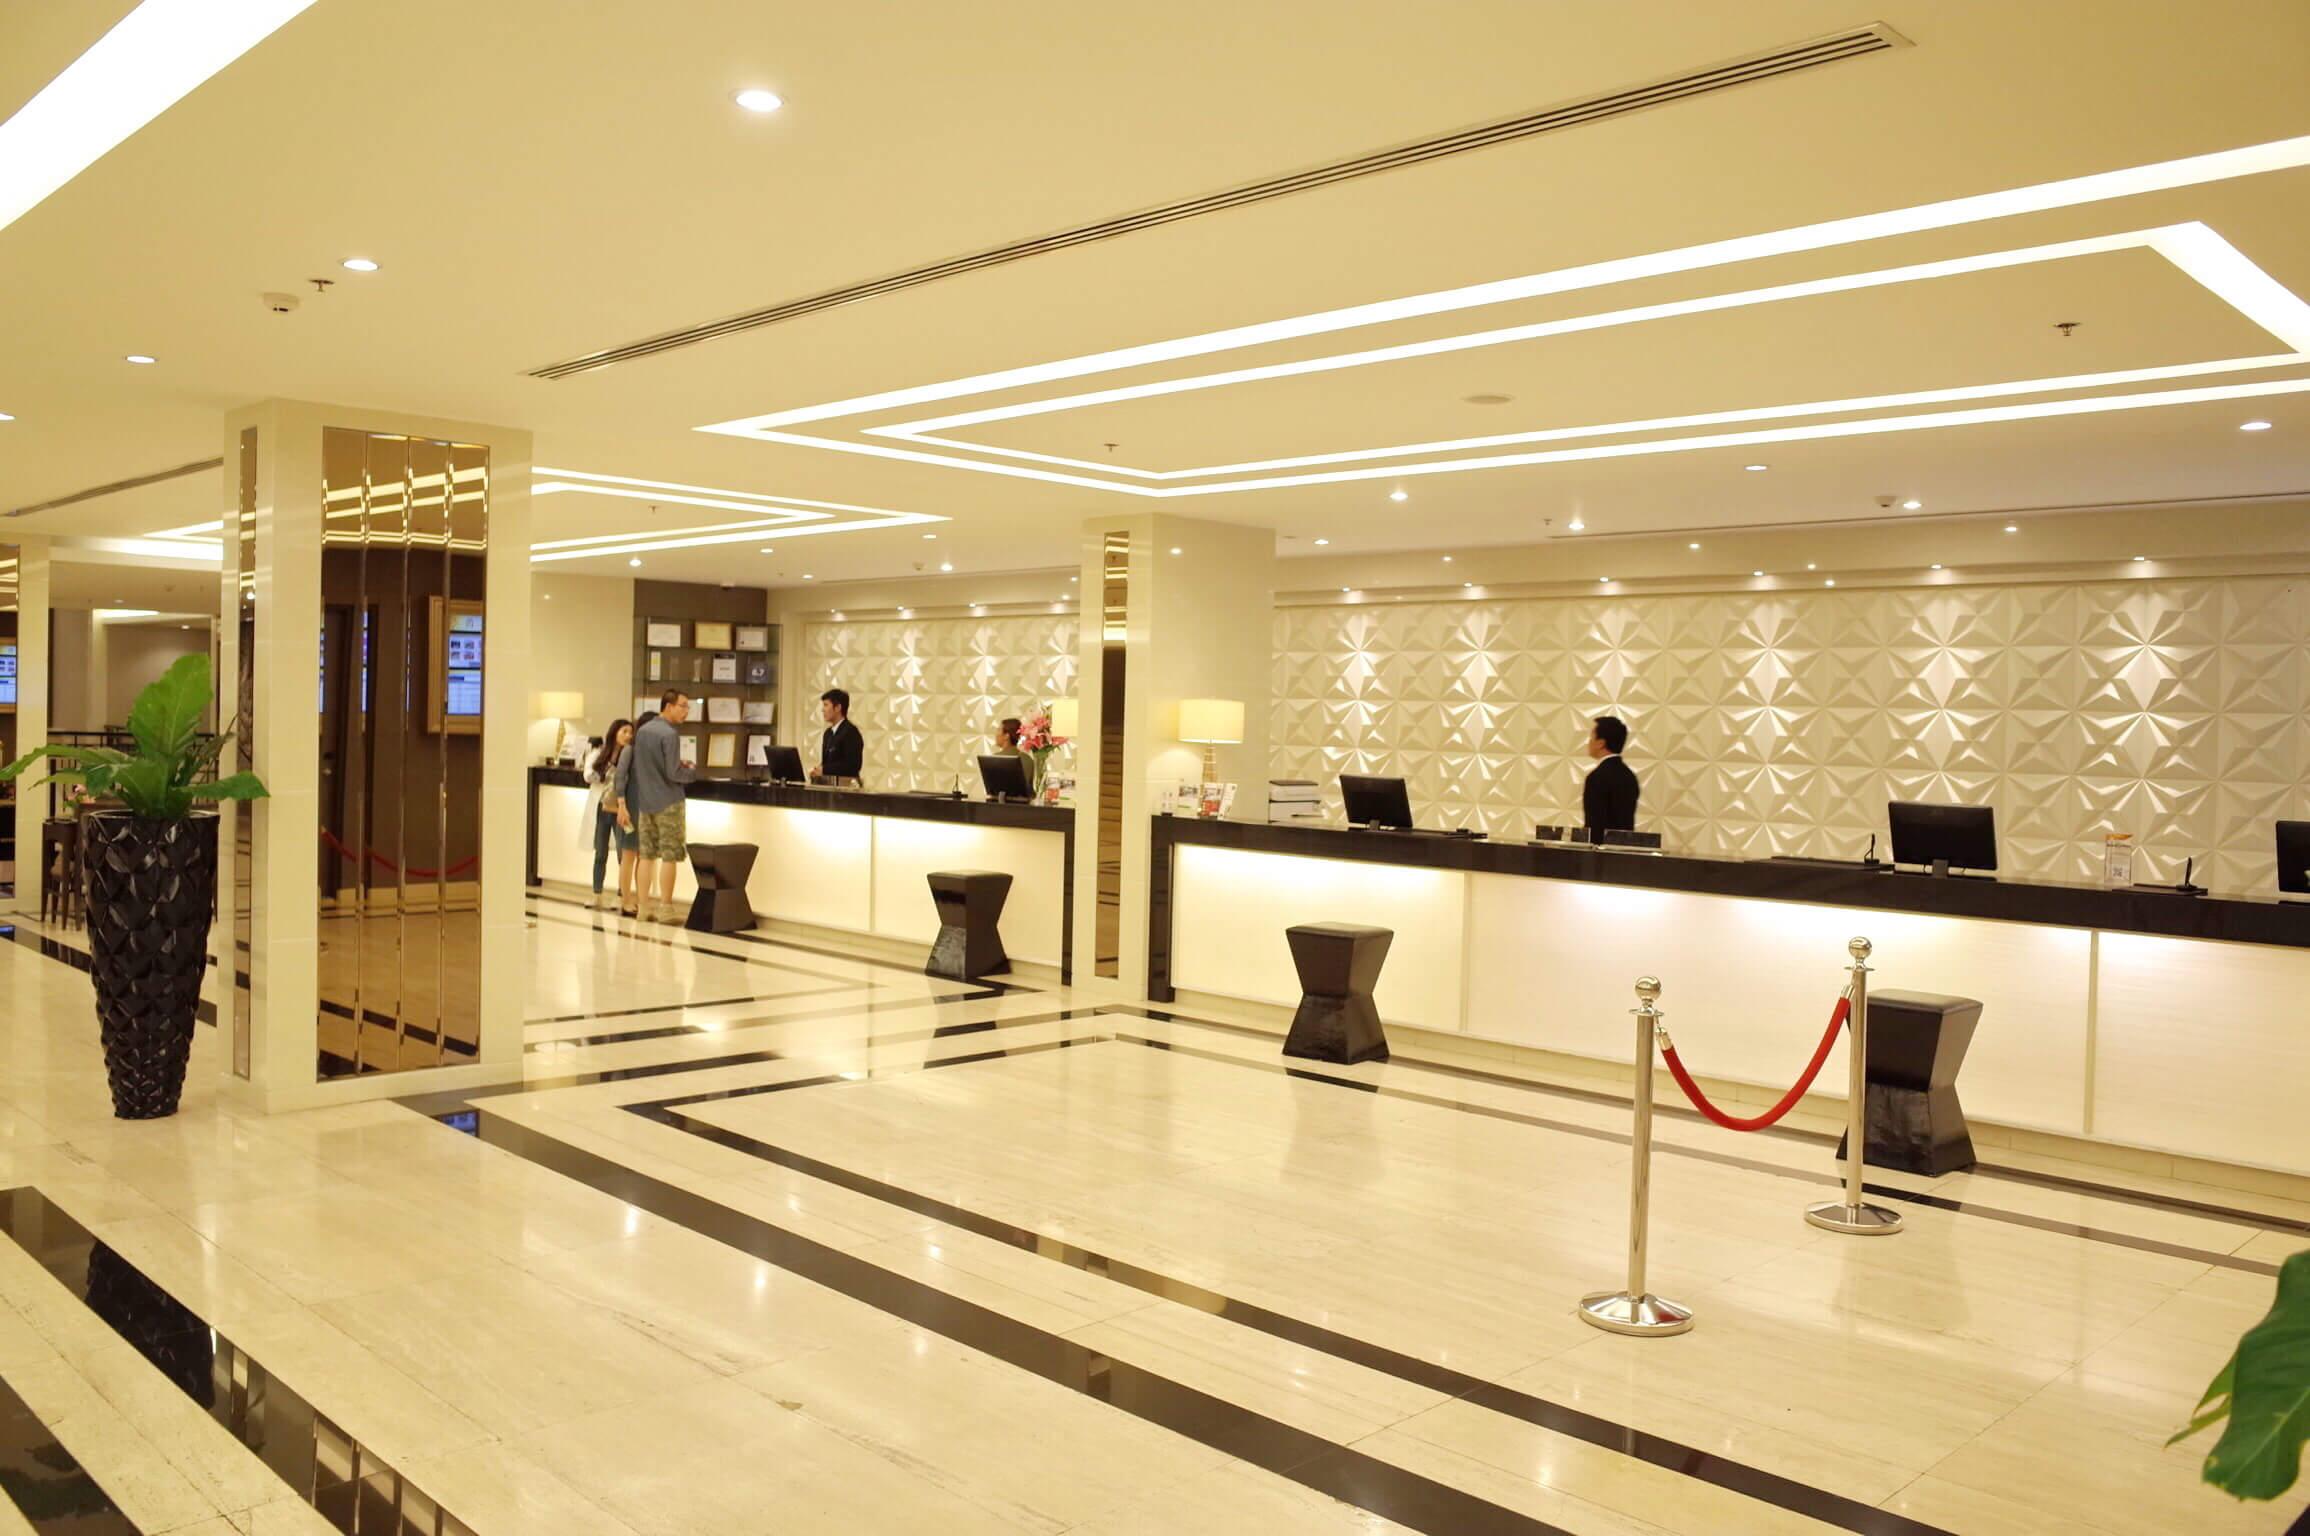 バンコク マンダリンホテル【口コミ・宿泊記】高評価・4星なのに格安で泊まれる!高コストパフォーマンスでサムヤン駅からも近くて便利